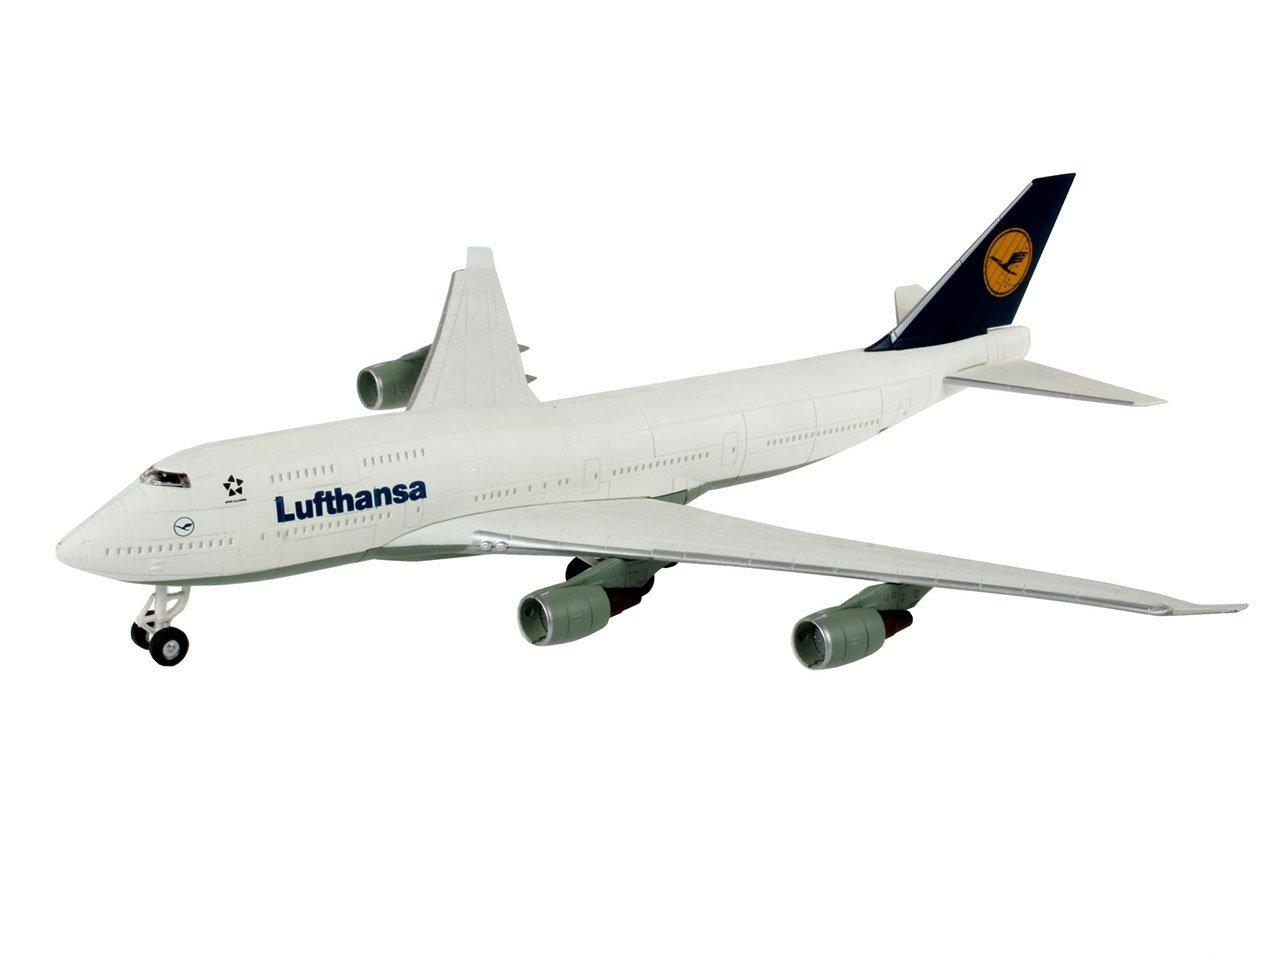 Сборная модель - Самолет Boeing 747 - LufthansaМодели самолетов для склеивания<br>Сборная модель - Самолет Boeing 747 - Lufthansa<br>